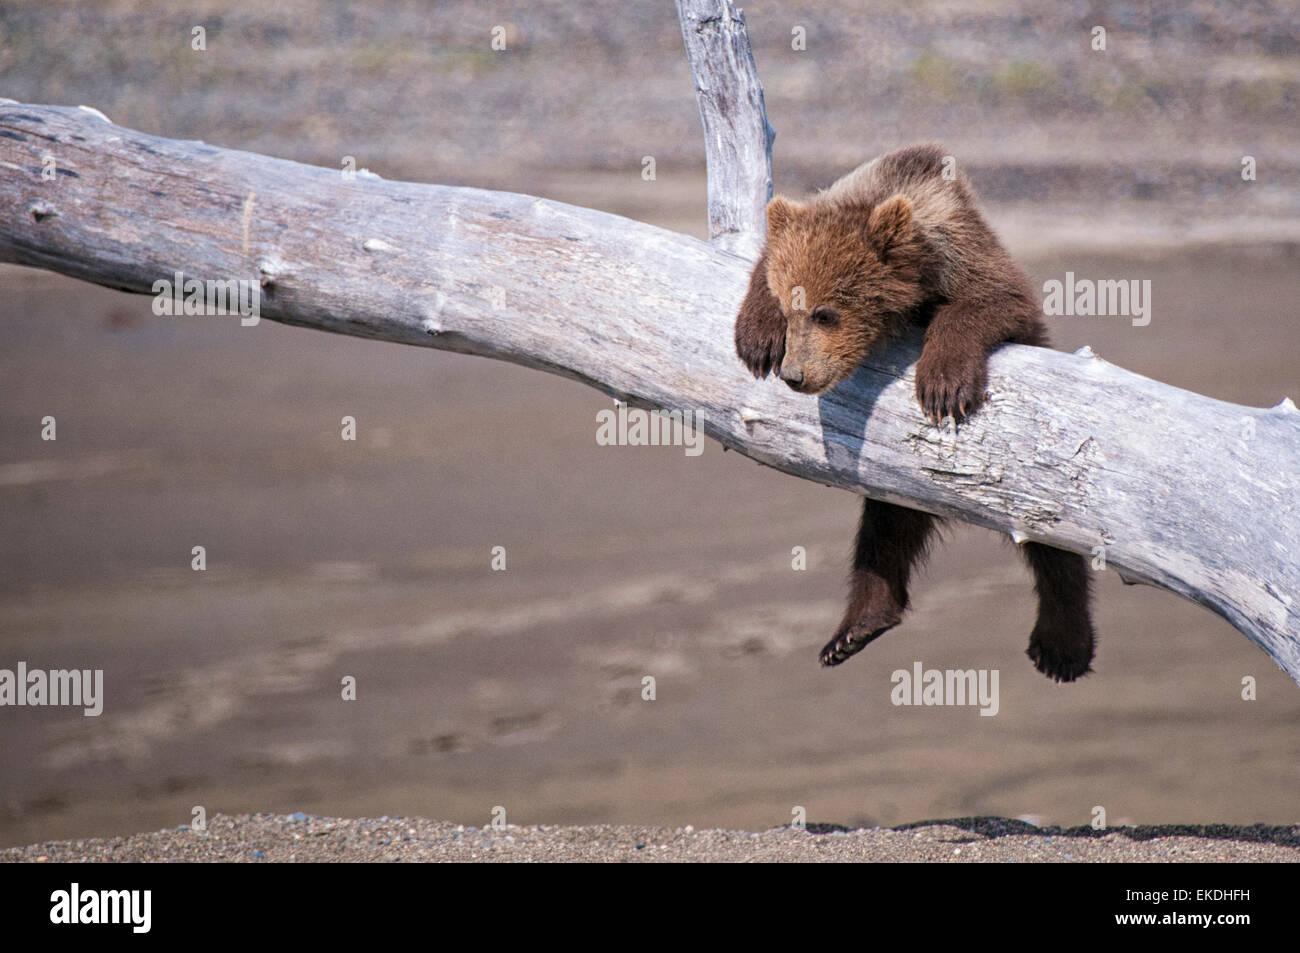 Cute Grizzly Bear Cub, muelle de Ursus arctos, colgando de una rama, el Parque Nacional Lake Clark, Alaska, EE.UU. Foto de stock